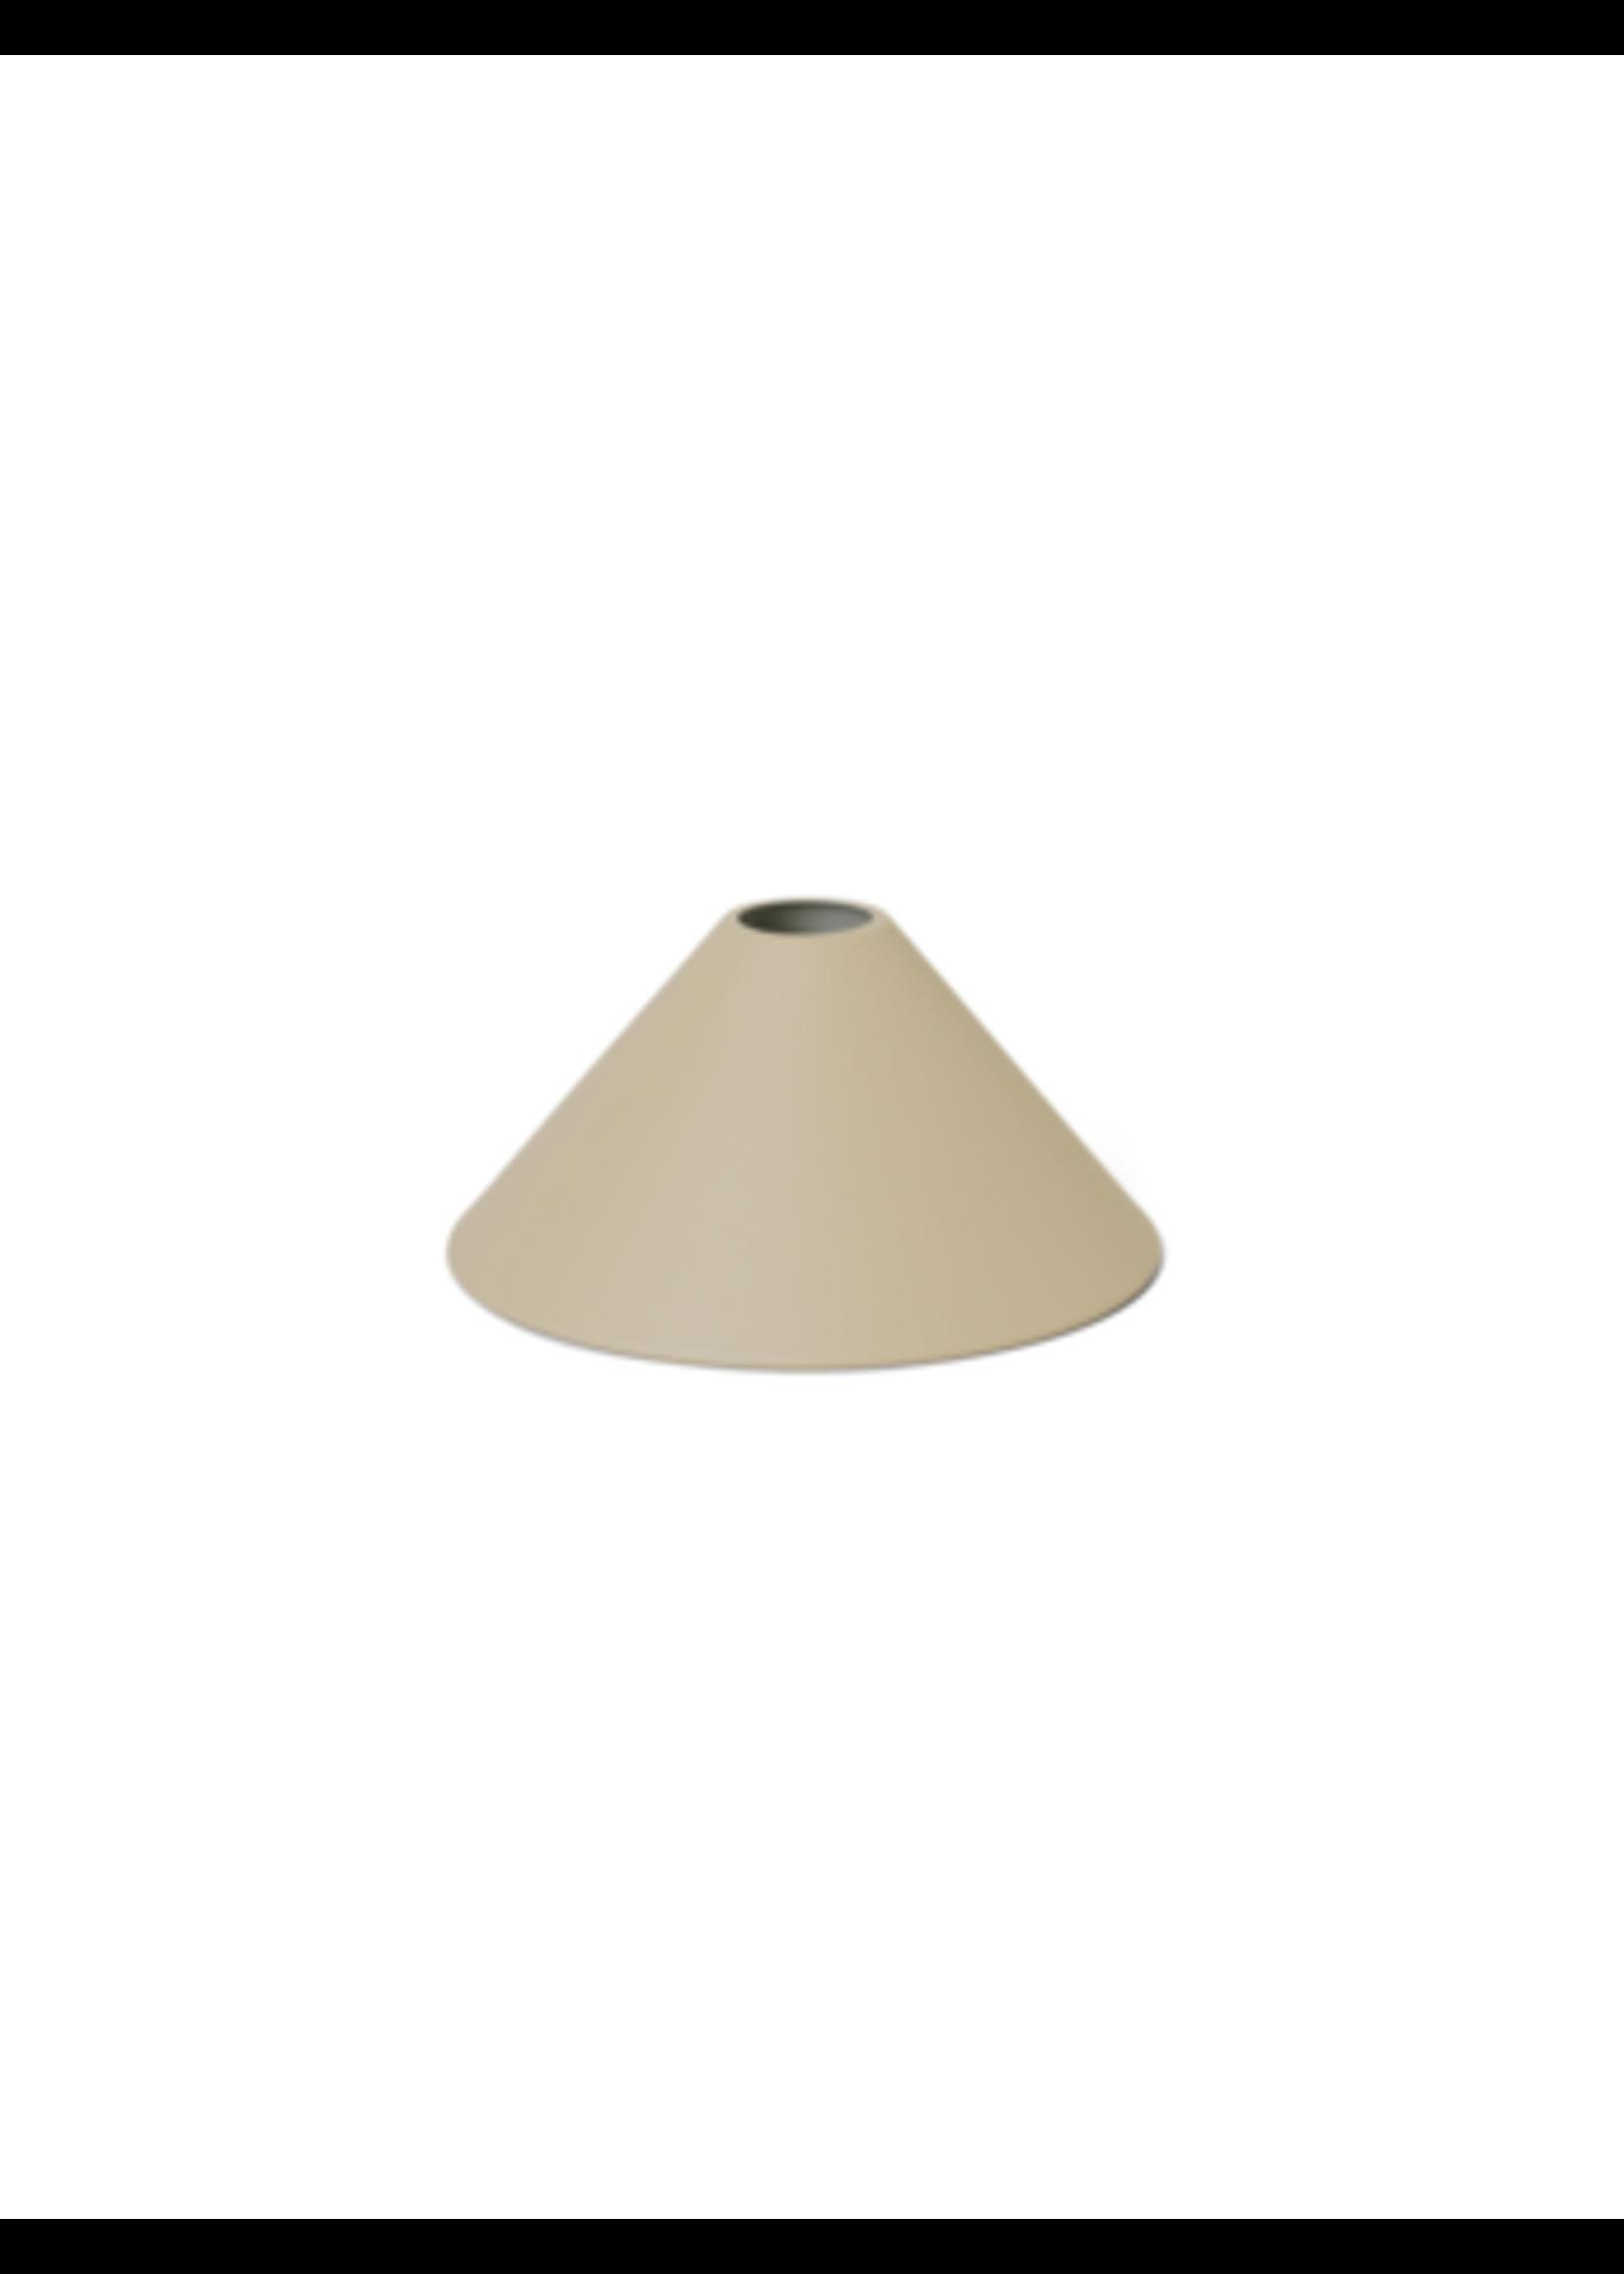 ferm LIVING ferm LIVING Lighting - Cone Shade - Cashmere